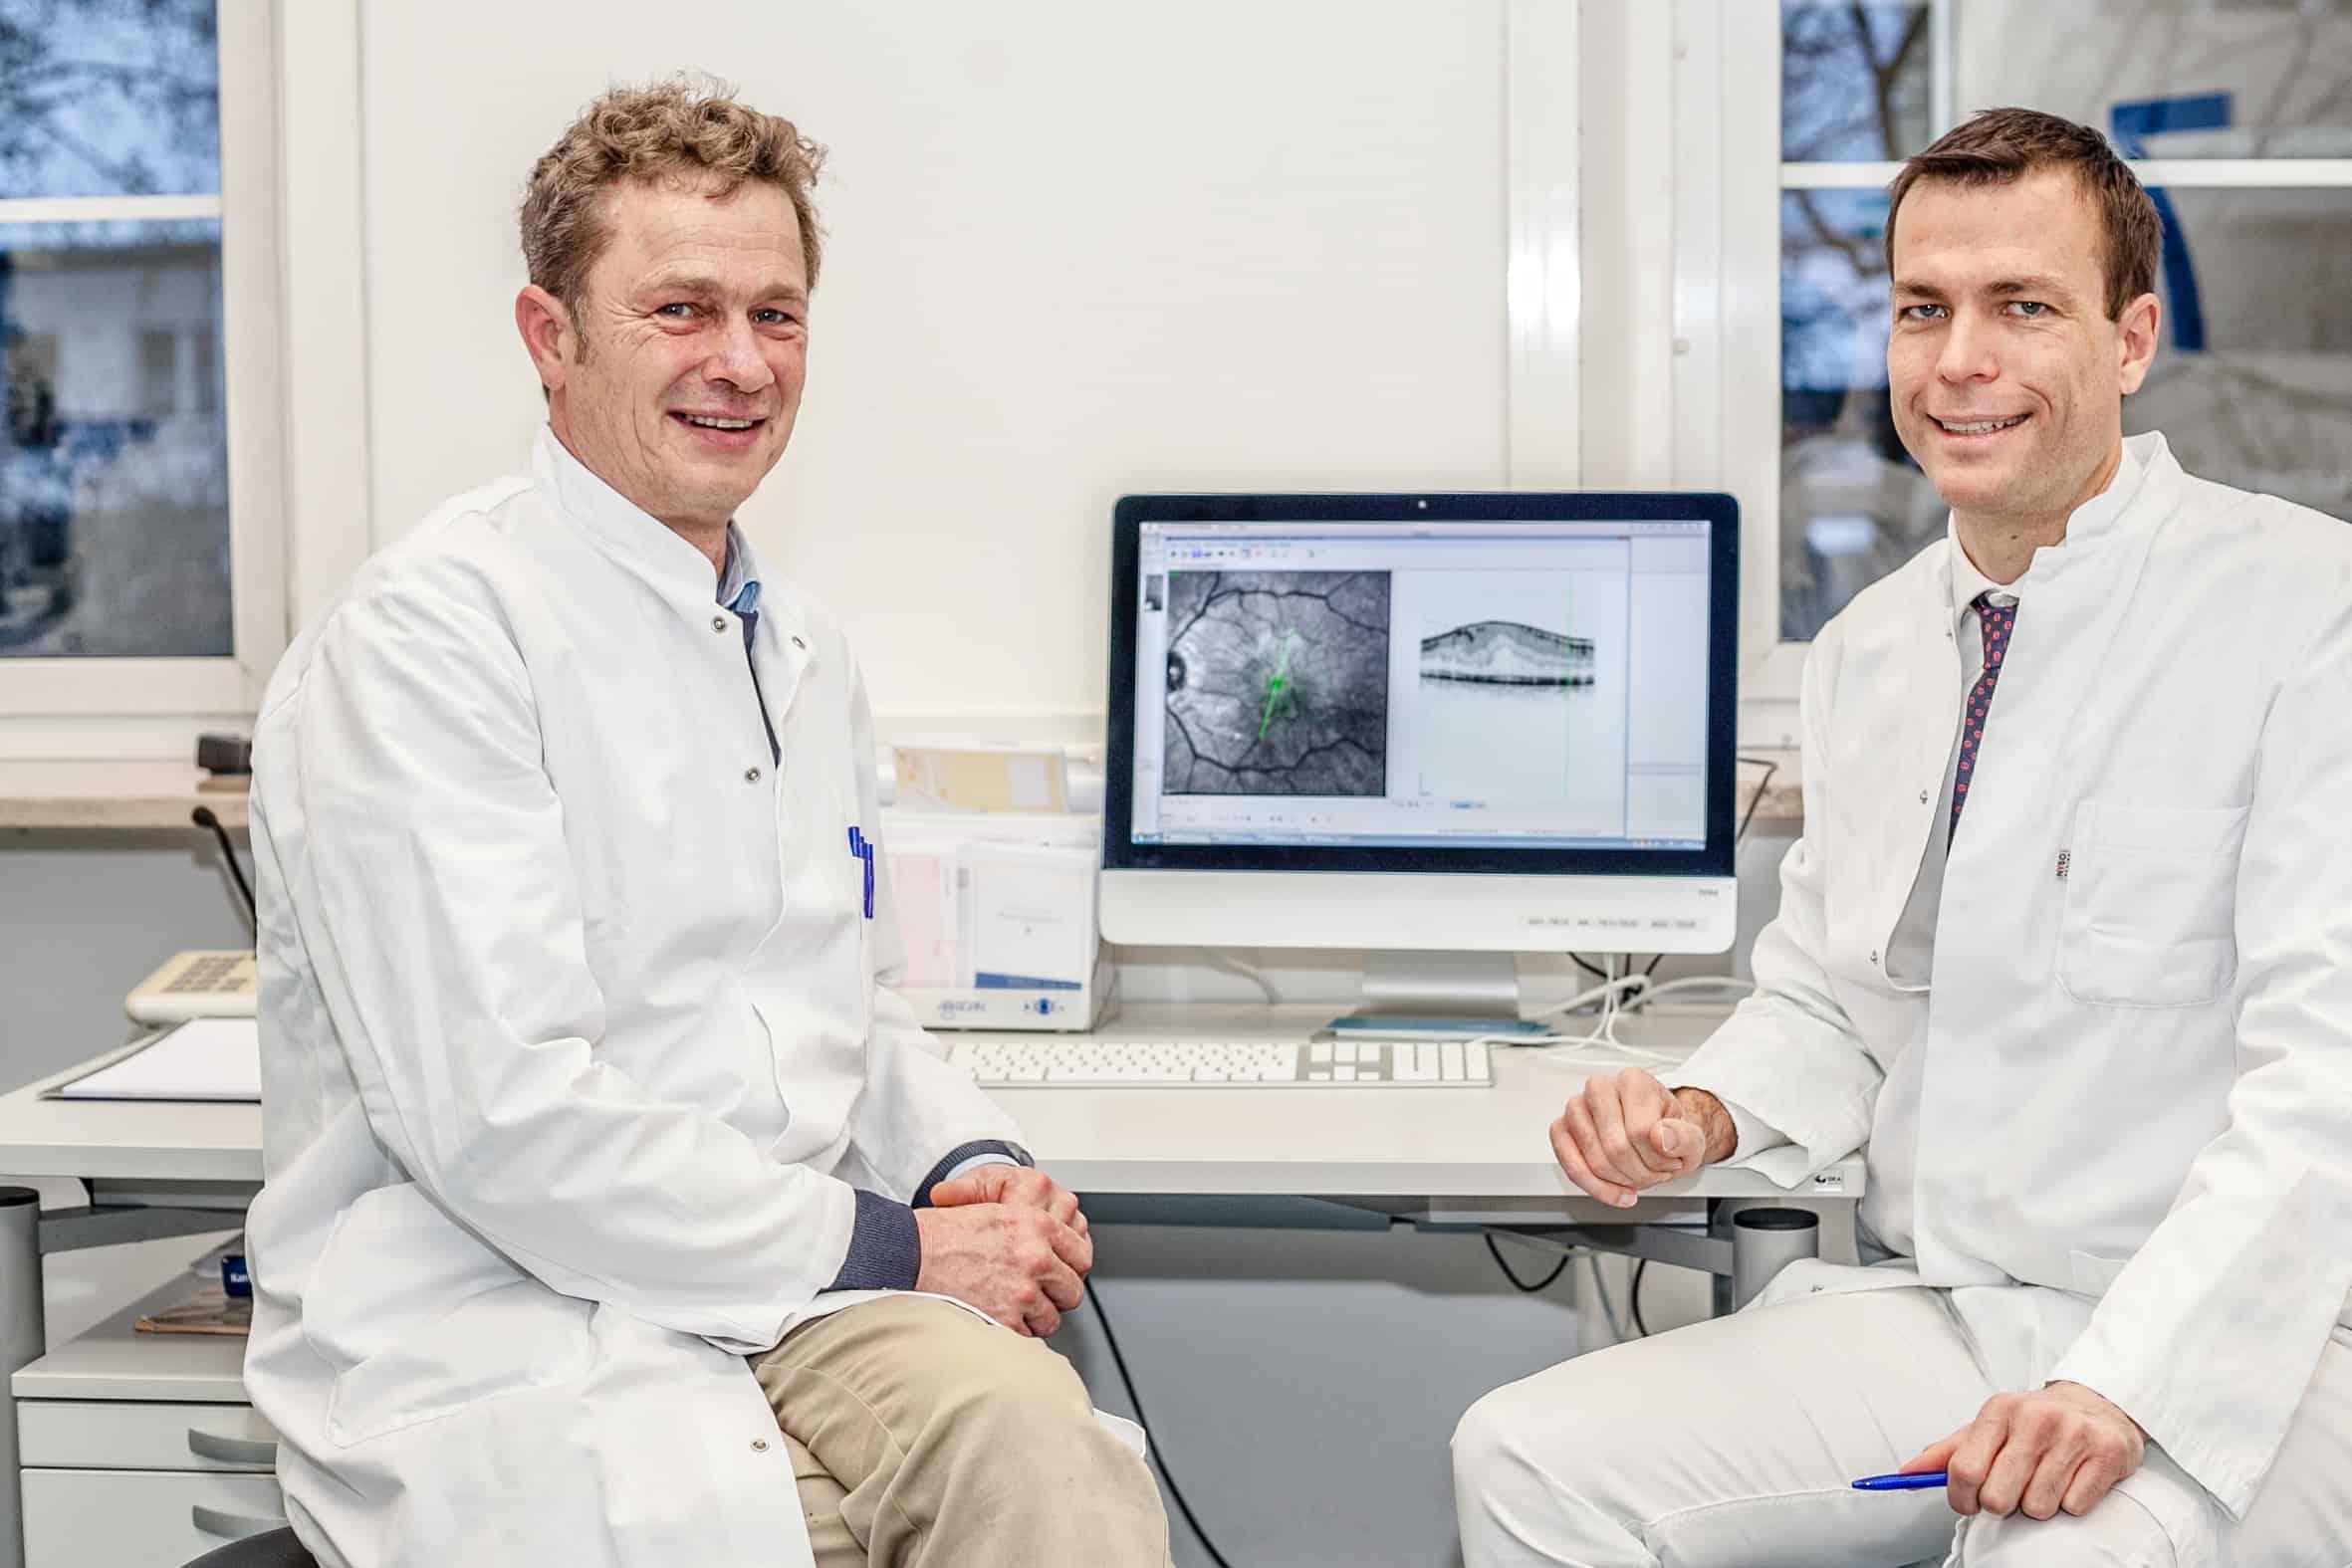 Augenklinik Regensburg: Quantensprung im Bereich der Augen-OP